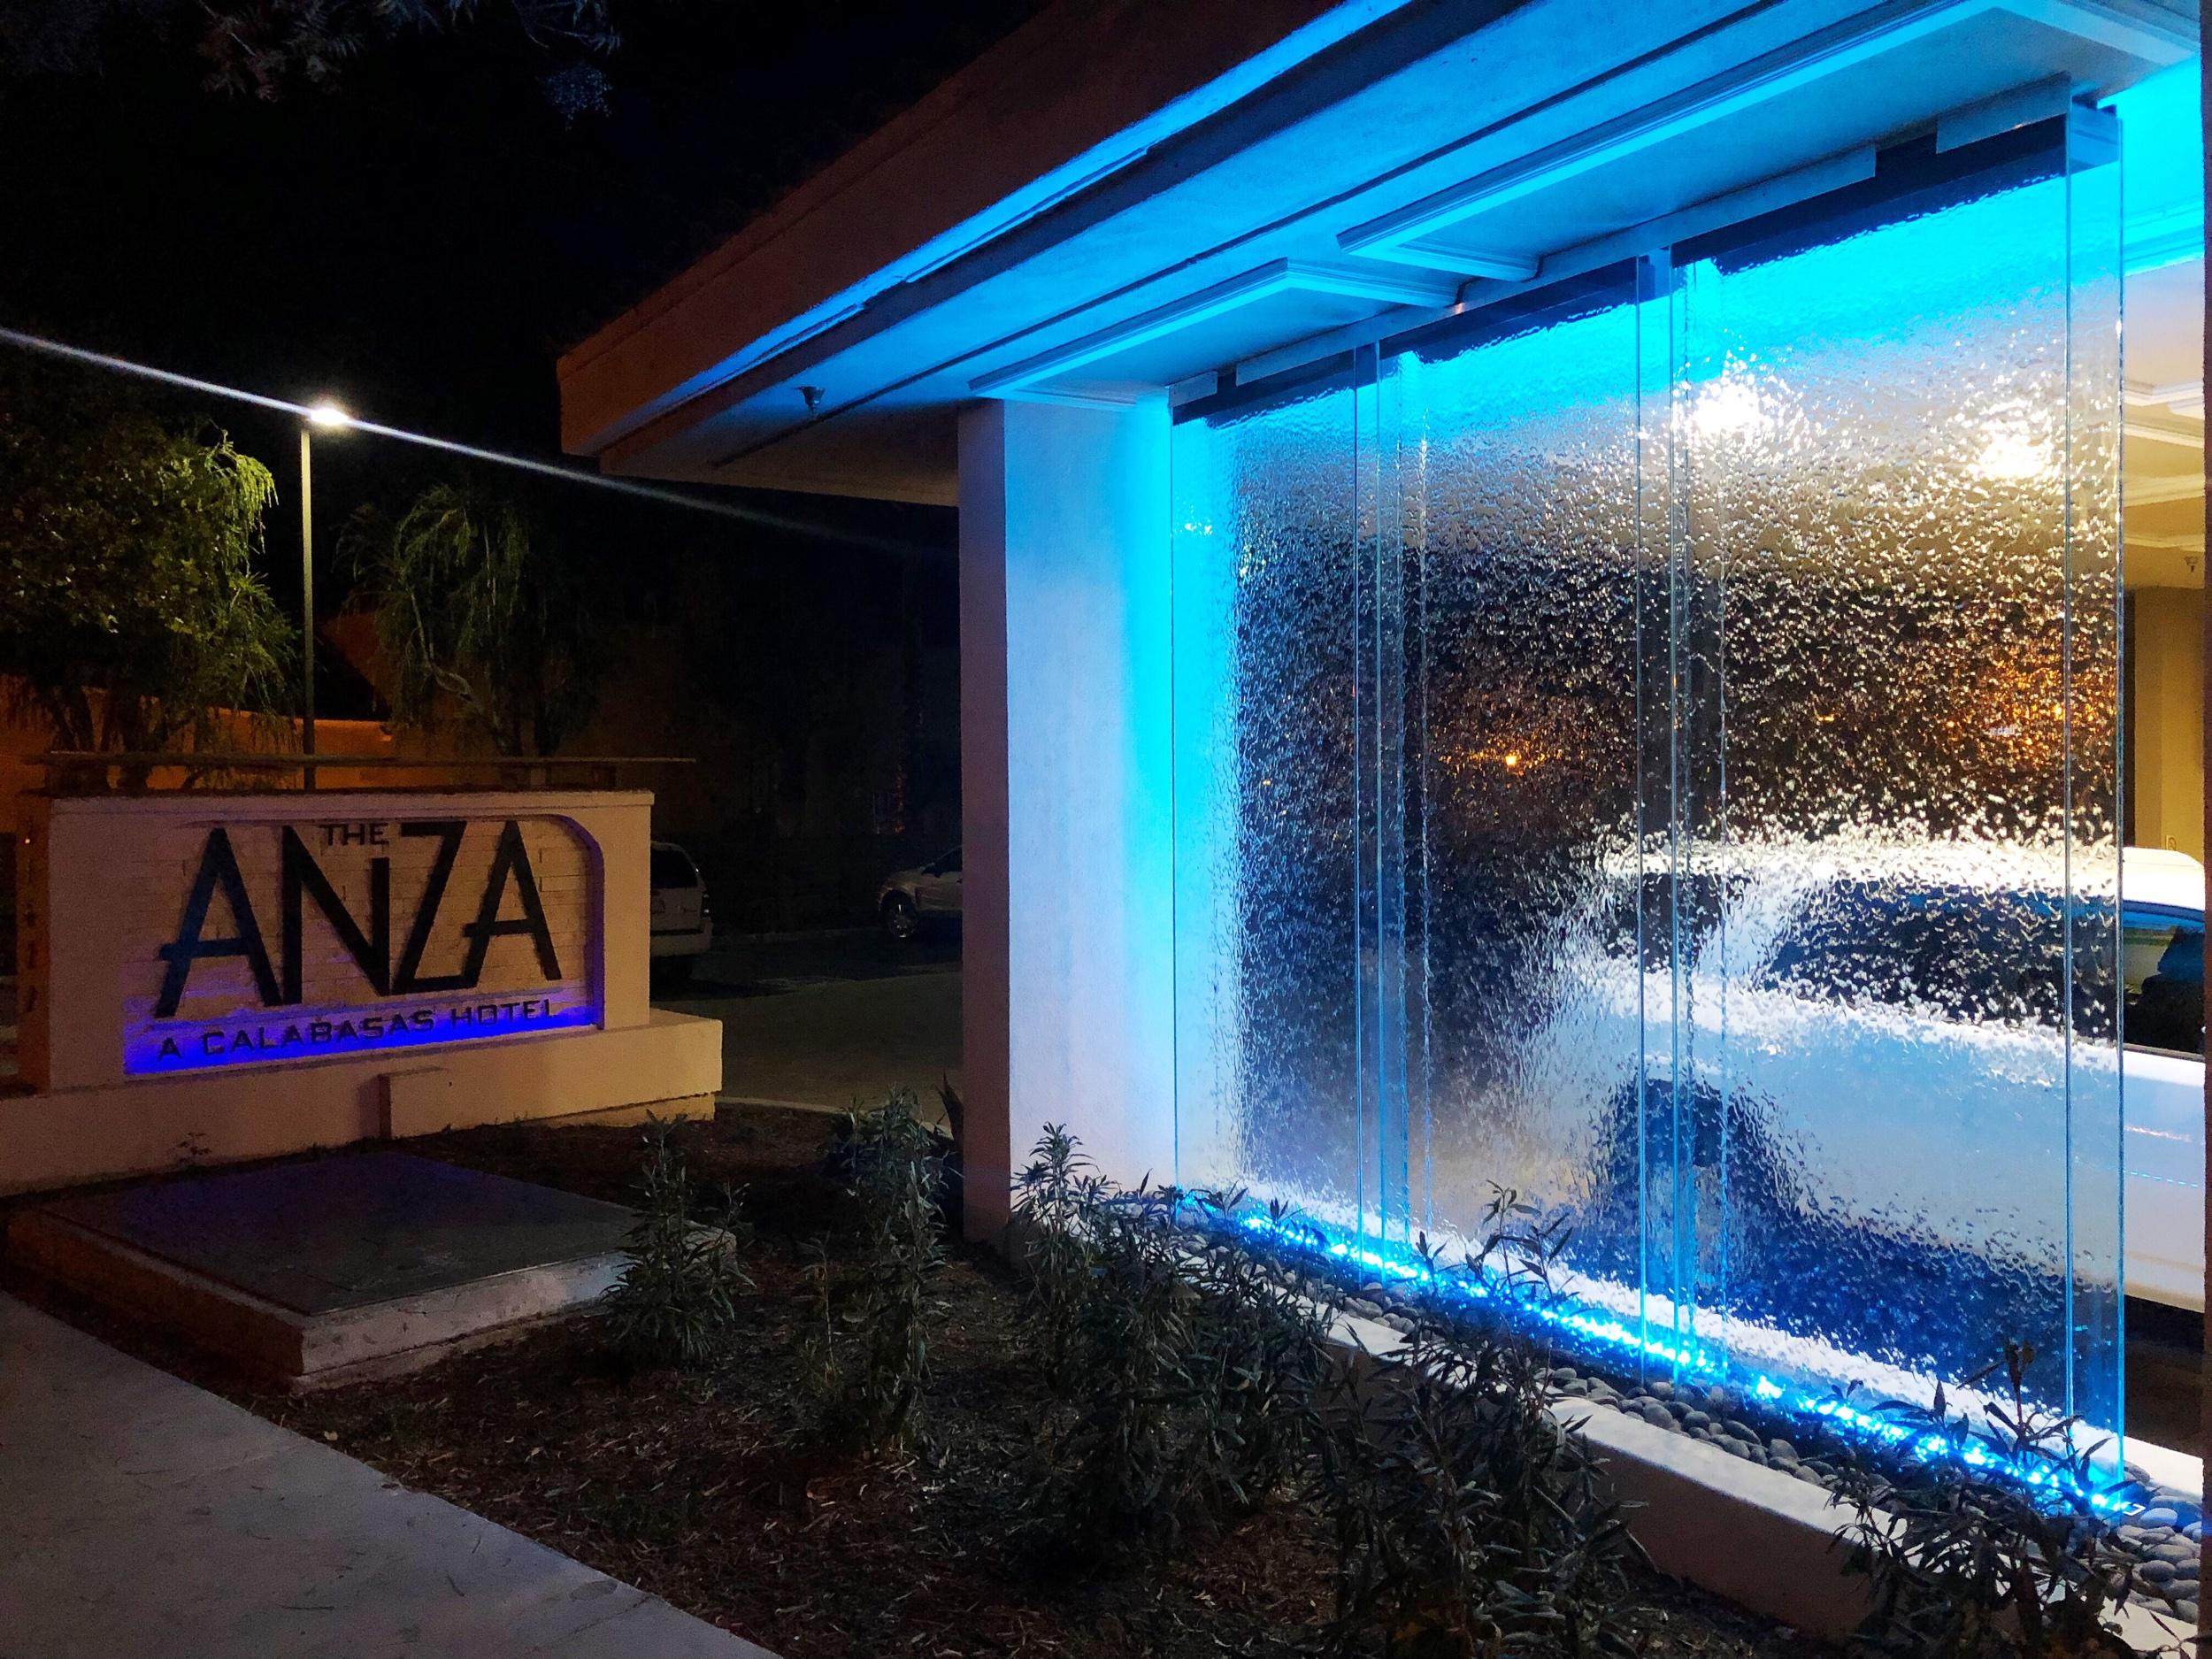 The Anza Hotel | Calabasas, CA